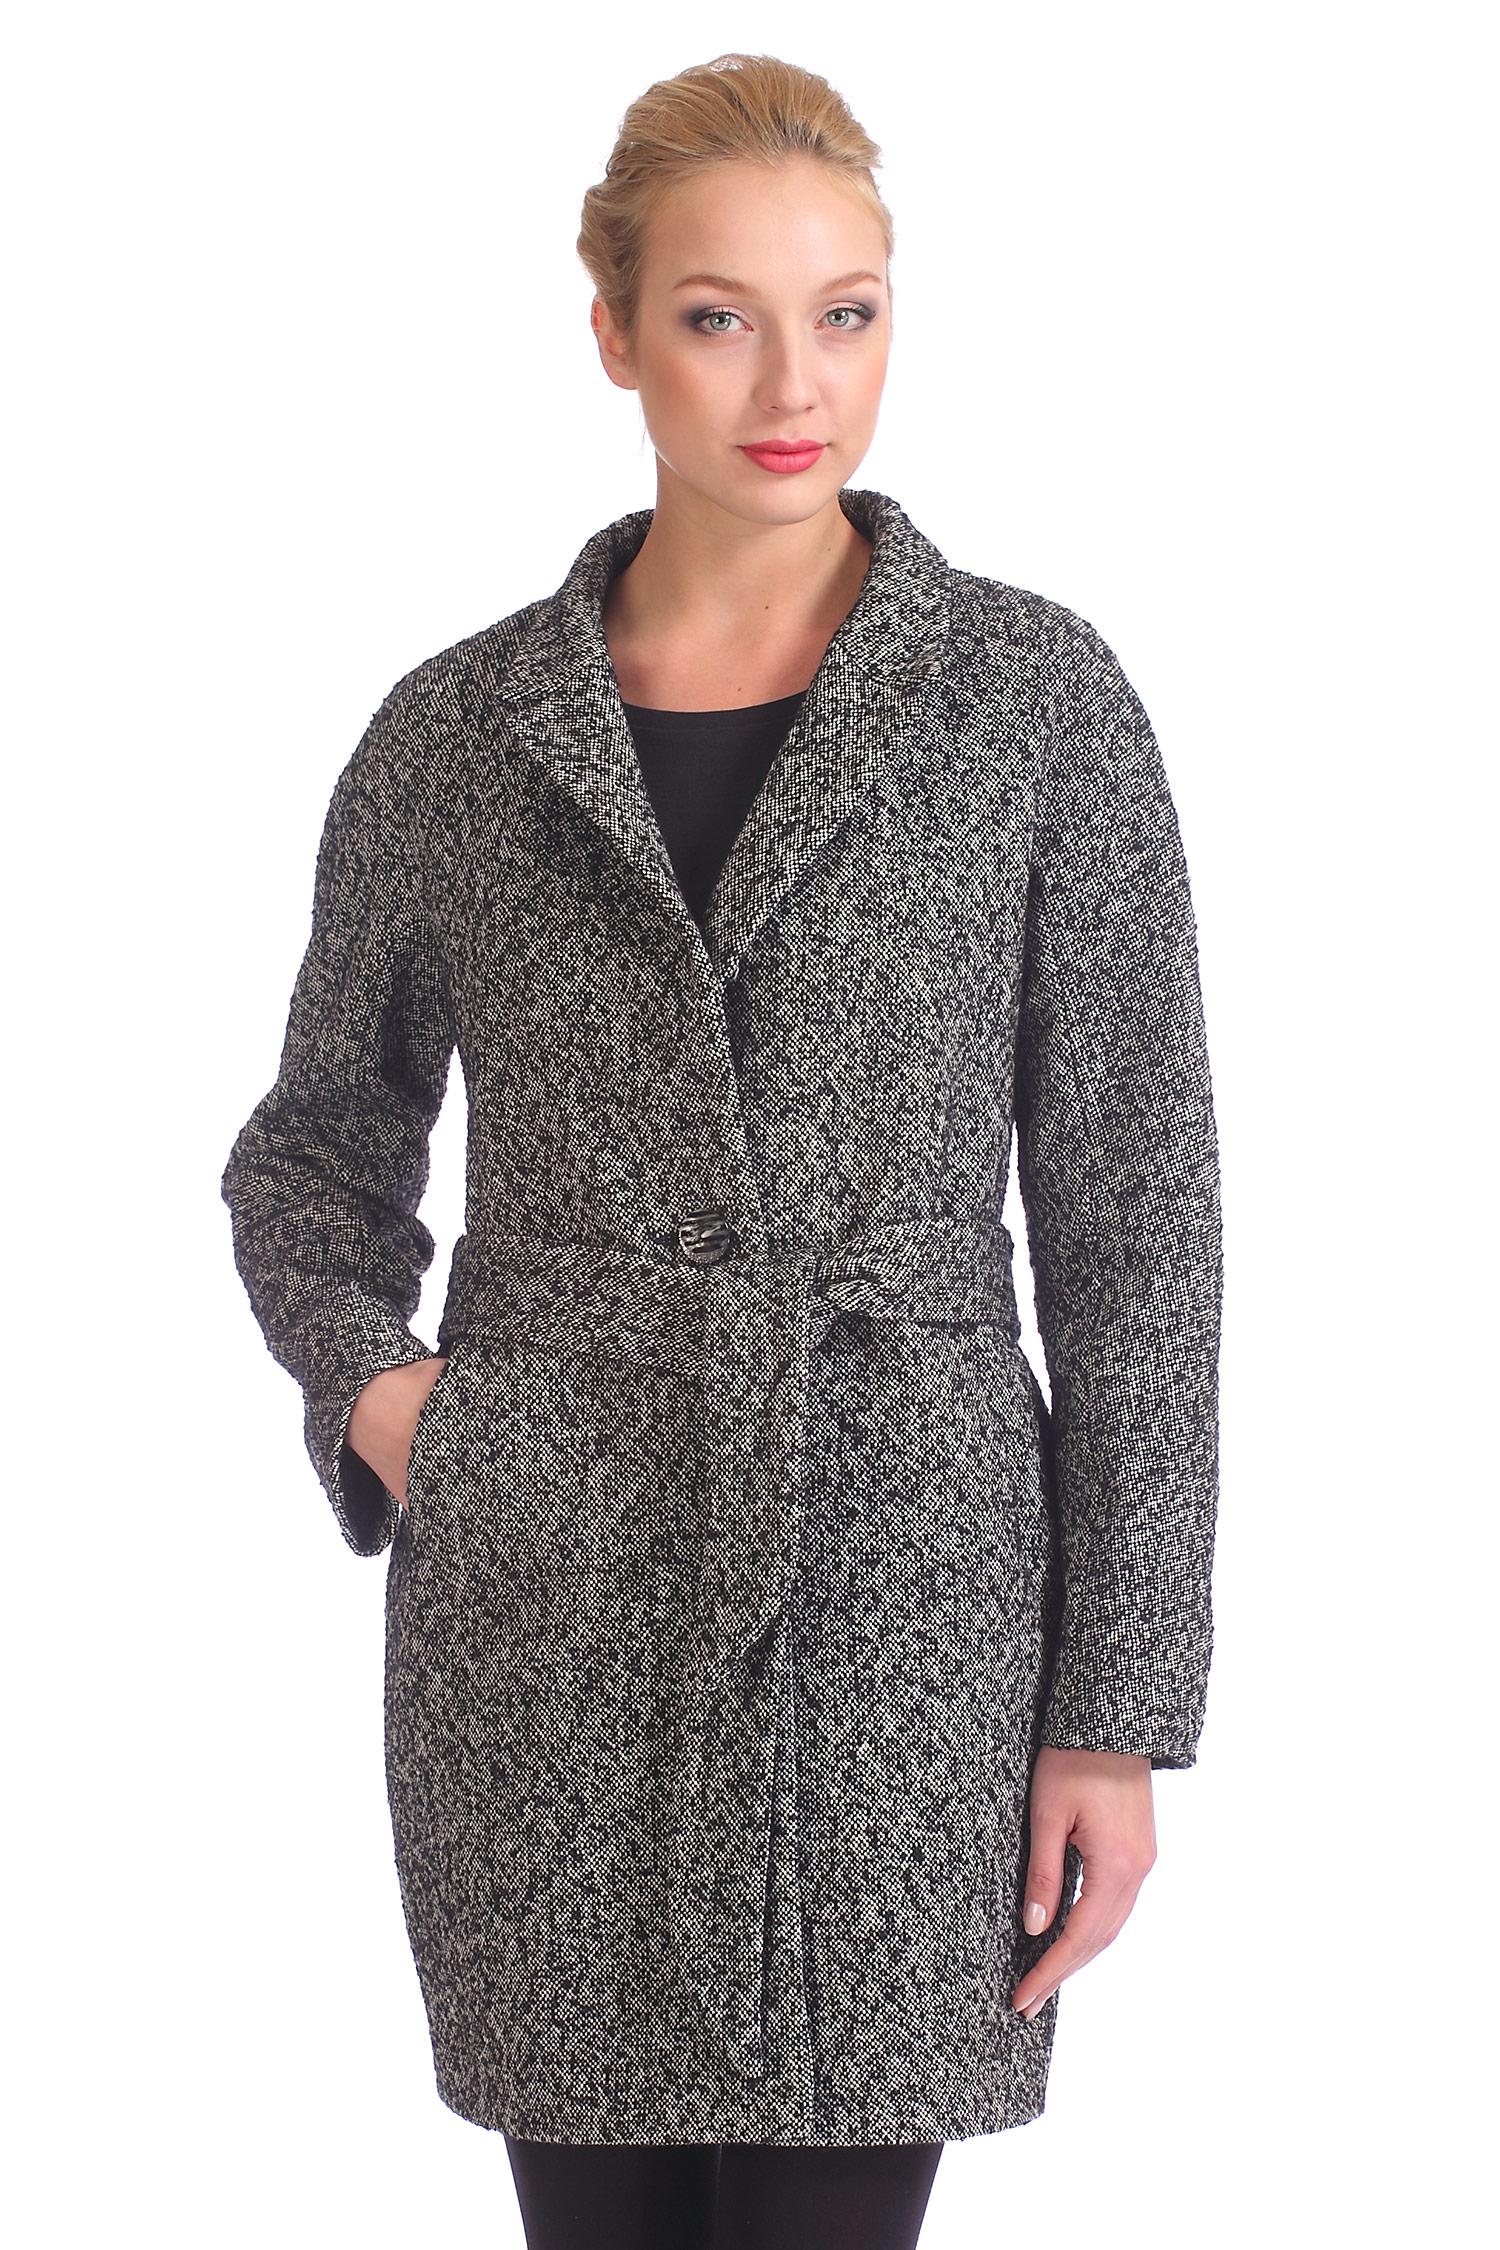 Женское пальто с воротником, без отделки<br><br>Воротник: английский<br>Длина см: Длинная (свыше 90)<br>Материал: Комбинированный состав<br>Цвет: серый<br>Вид застежки: центральная<br>Застежка: на пуговицы<br>Пол: Женский<br>Размер RU: 48